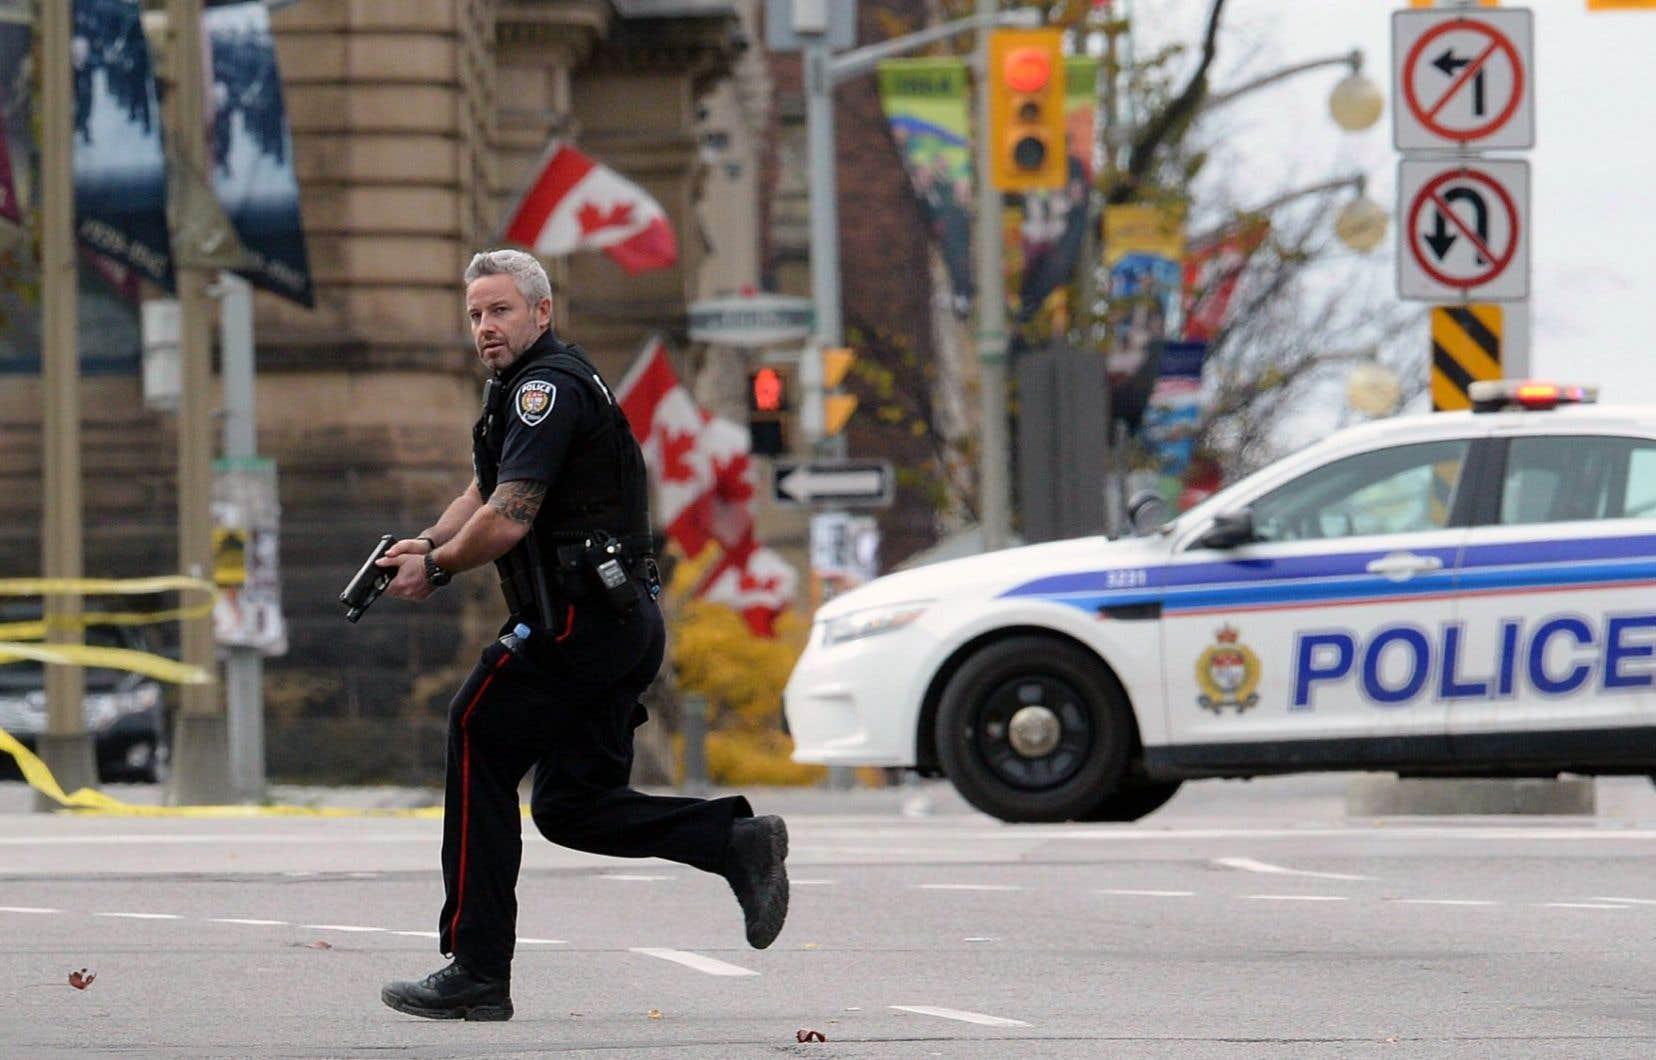 La sécurité sera aussi rehaussée au Parlement. Comme promis après l'attaque d'octobre dernier, les trois services de police qui surveillent la Colline seront amalgamés sous l'égide de la GRC. Ce qui coûtera 60,4millions sur trois ans.